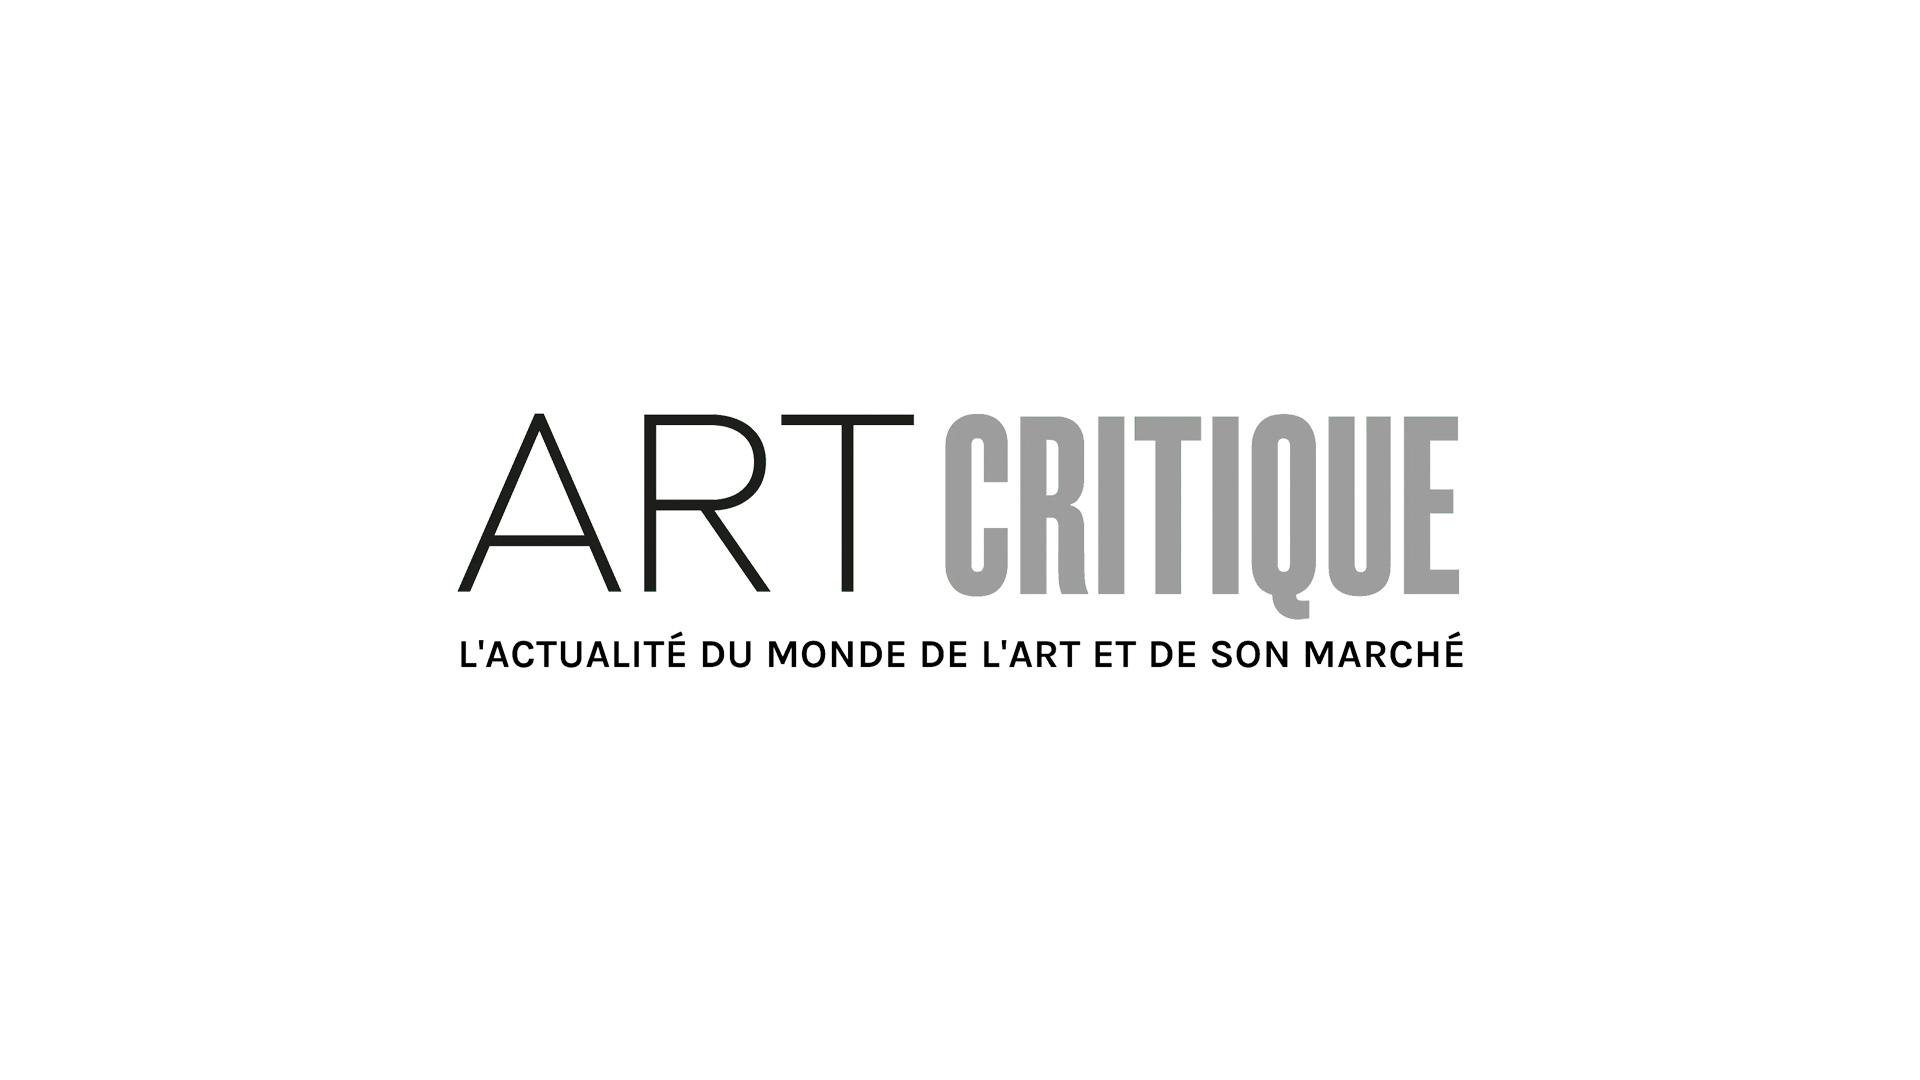 Redécouvrir l'œuvre de Toulouse-Lautrec au Grand Palais